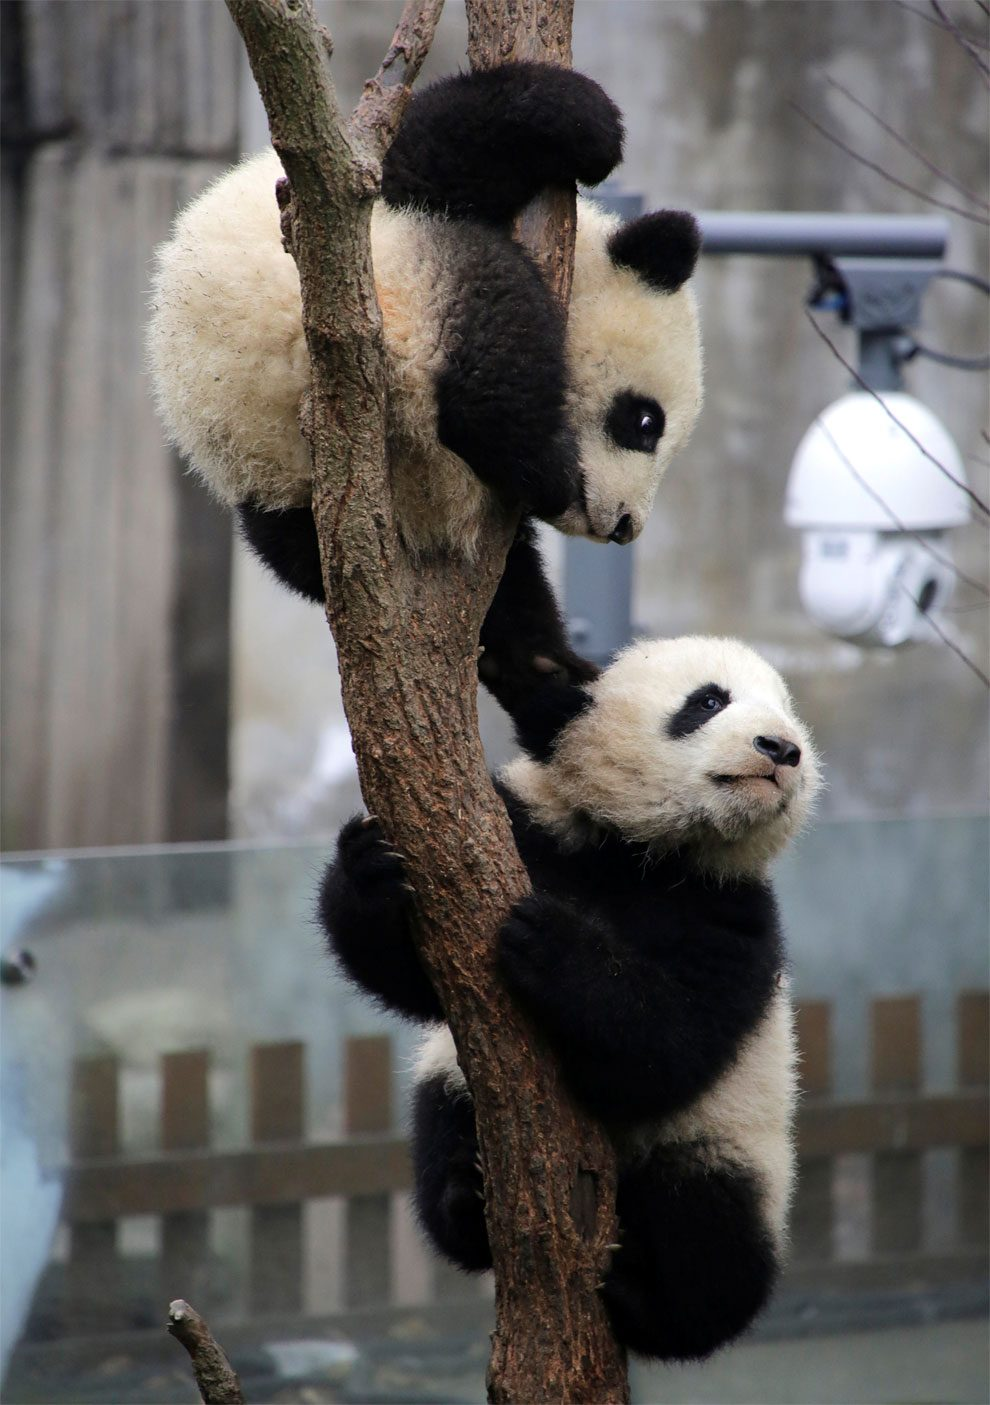 πάντα Δίδυμα πάντα 6 μηνών κάνουν το ντεμπούτο τους στον ζωολογικό κήπο της Chongqing